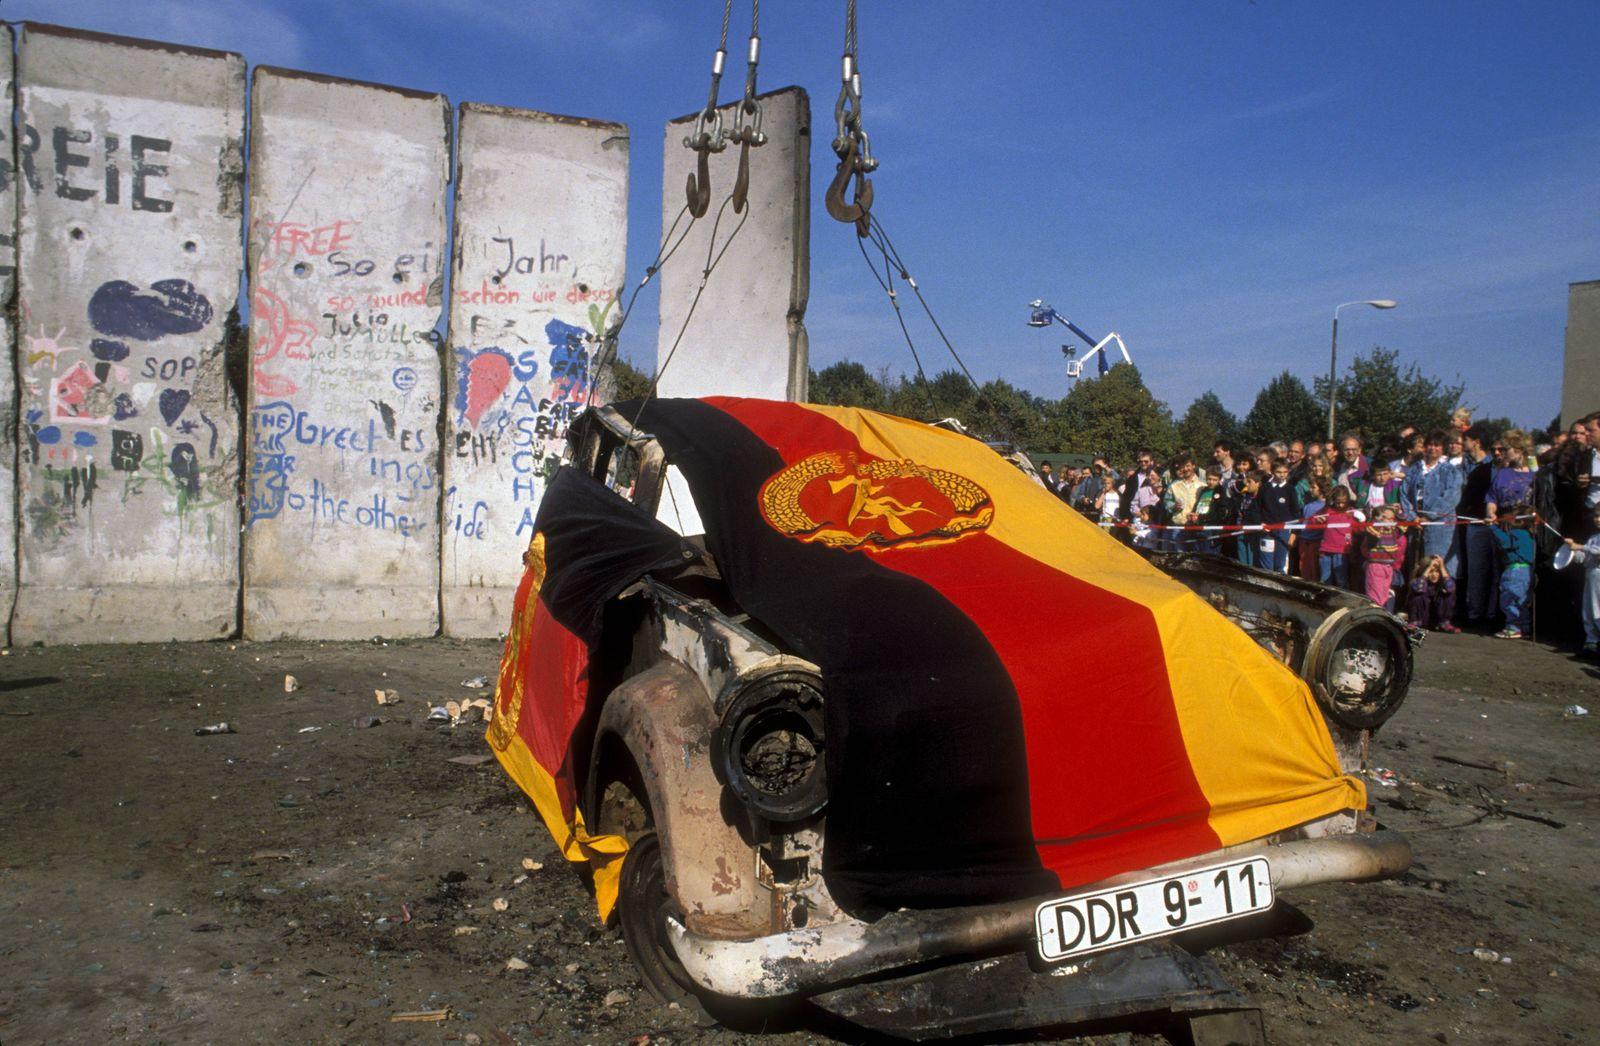 POLITIK 25 Jahre Deutsche Einheit Die Wiedervereinigung Verkohltes Wrack eines Trabanten geschmückt